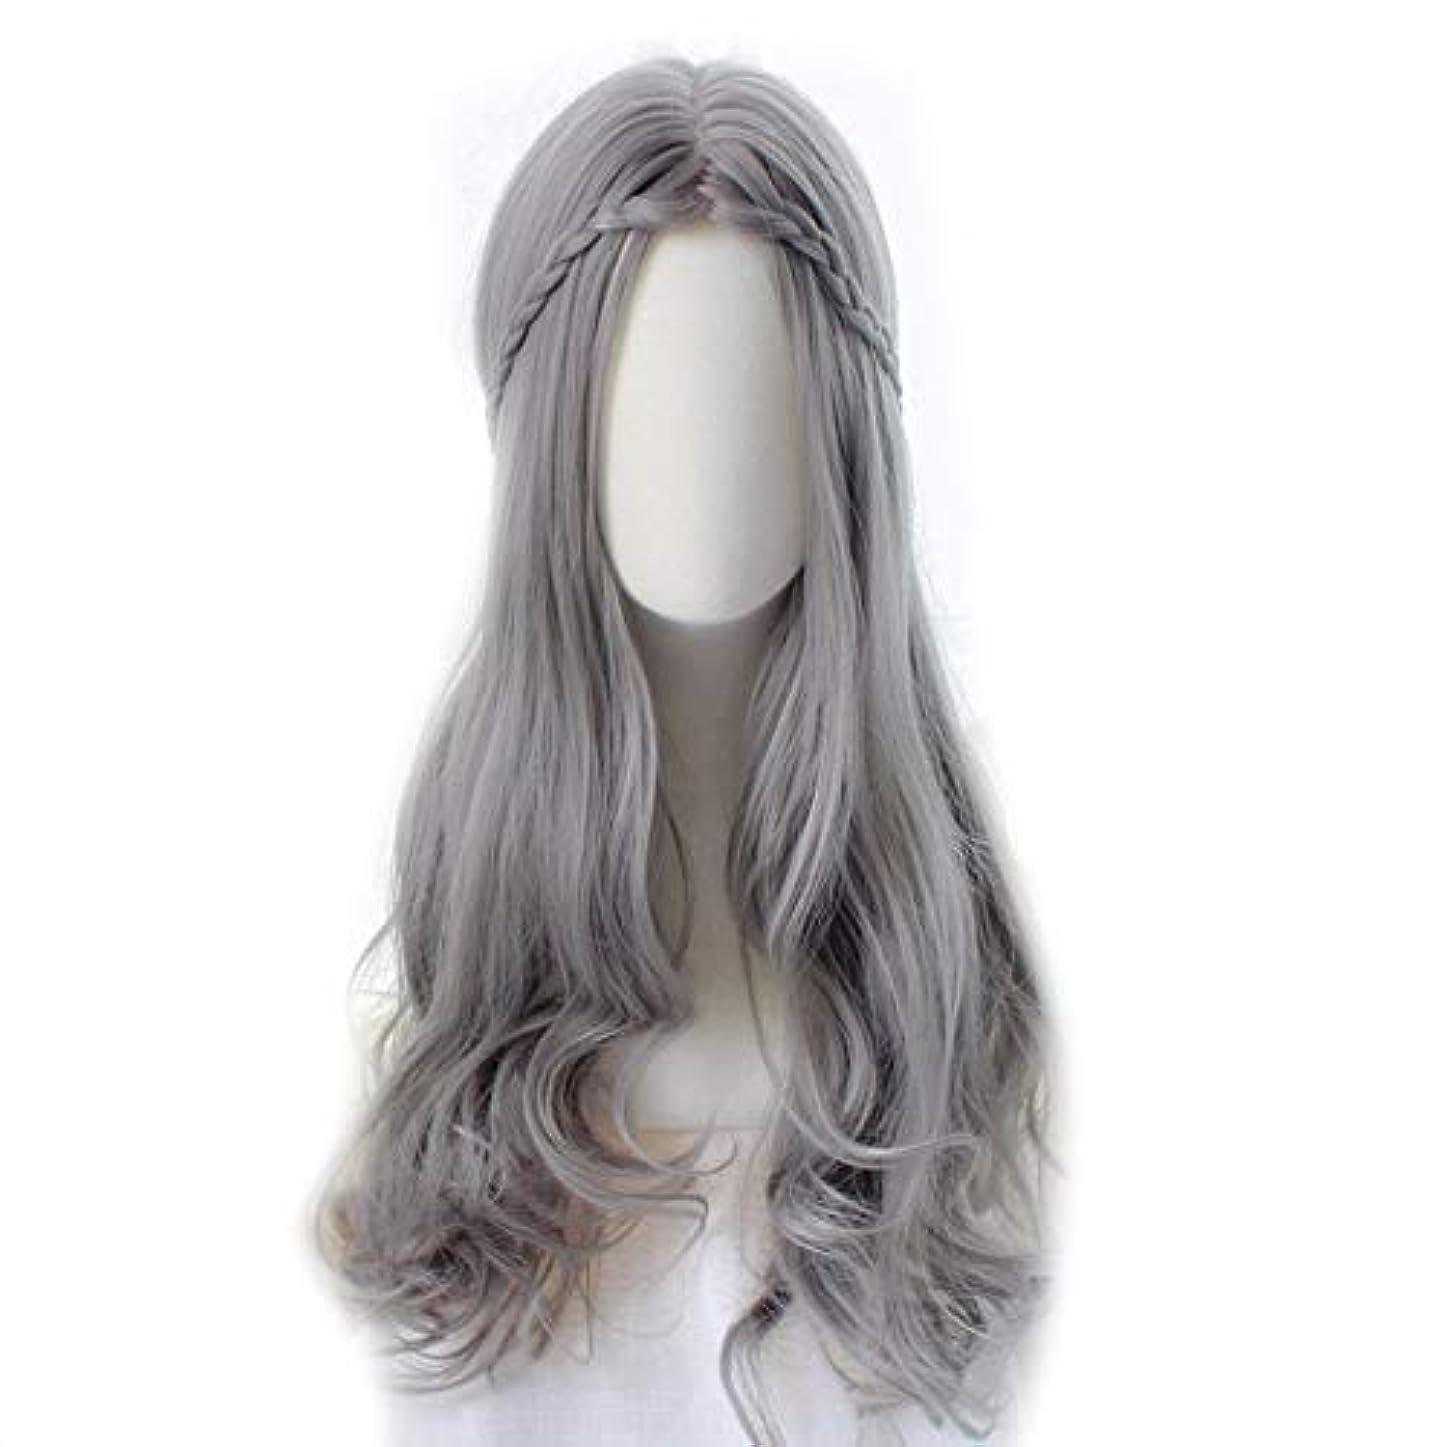 水っぽいスラダム外交WASAIO 女性のロリータシルバーグレーウィッグロングカーリーヘアウィッグアクセサリー用スタイルReplacementfor女の子合成コスプレパーティーと前髪 (色 : Silver grey, サイズ : 55cm)